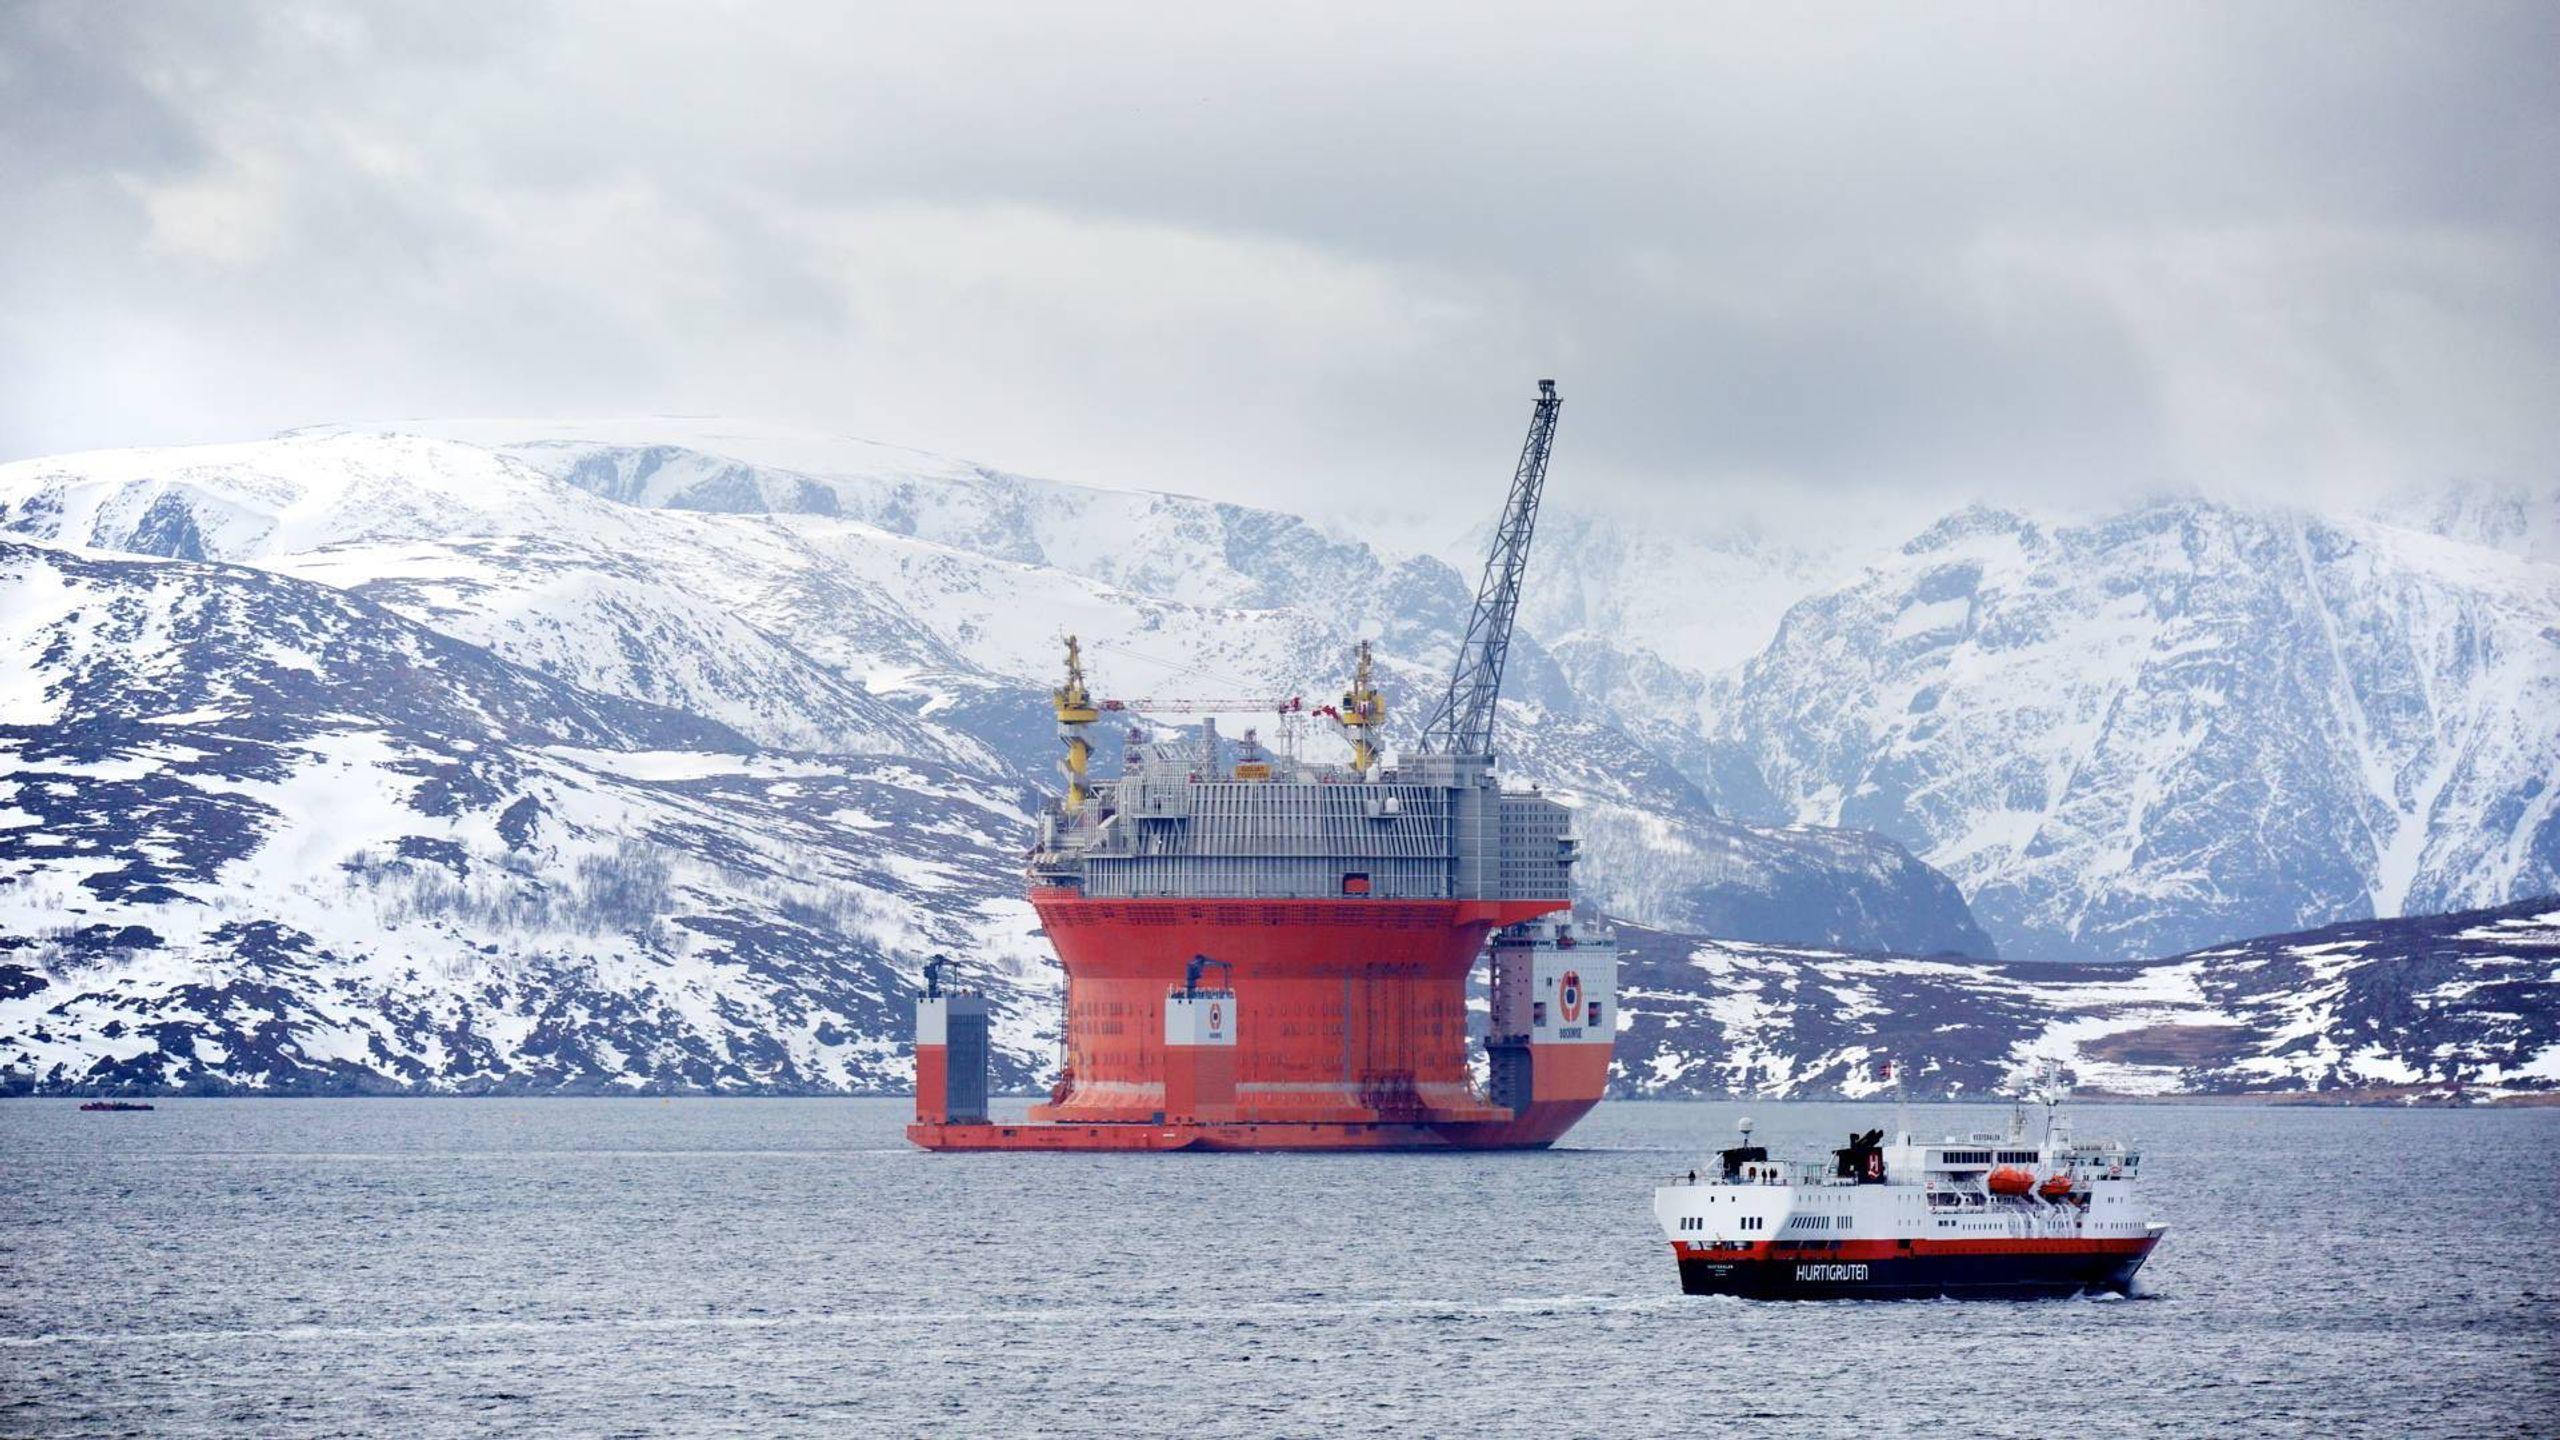 ANKOMST: Goliat-plattformen ankom Hammerfest for snart ett år siden. Deretter ble den slept ut på feltet, og alt det gjenstående arbeidet ble utført der.